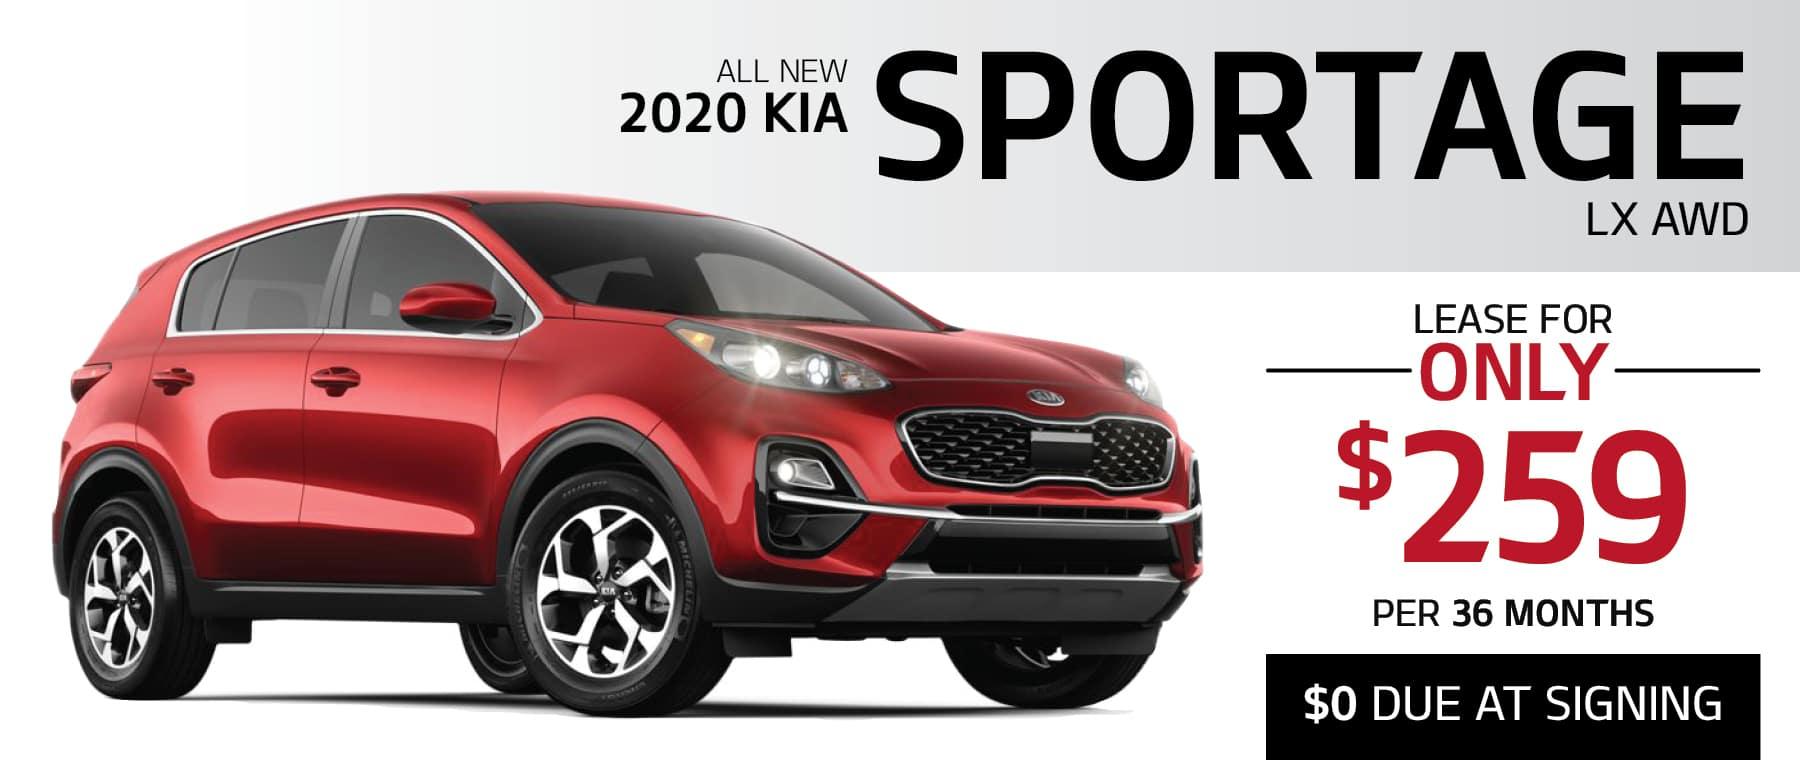 2020 KIA SPORTAGE LX AWD lease in Greensburg PA 15601